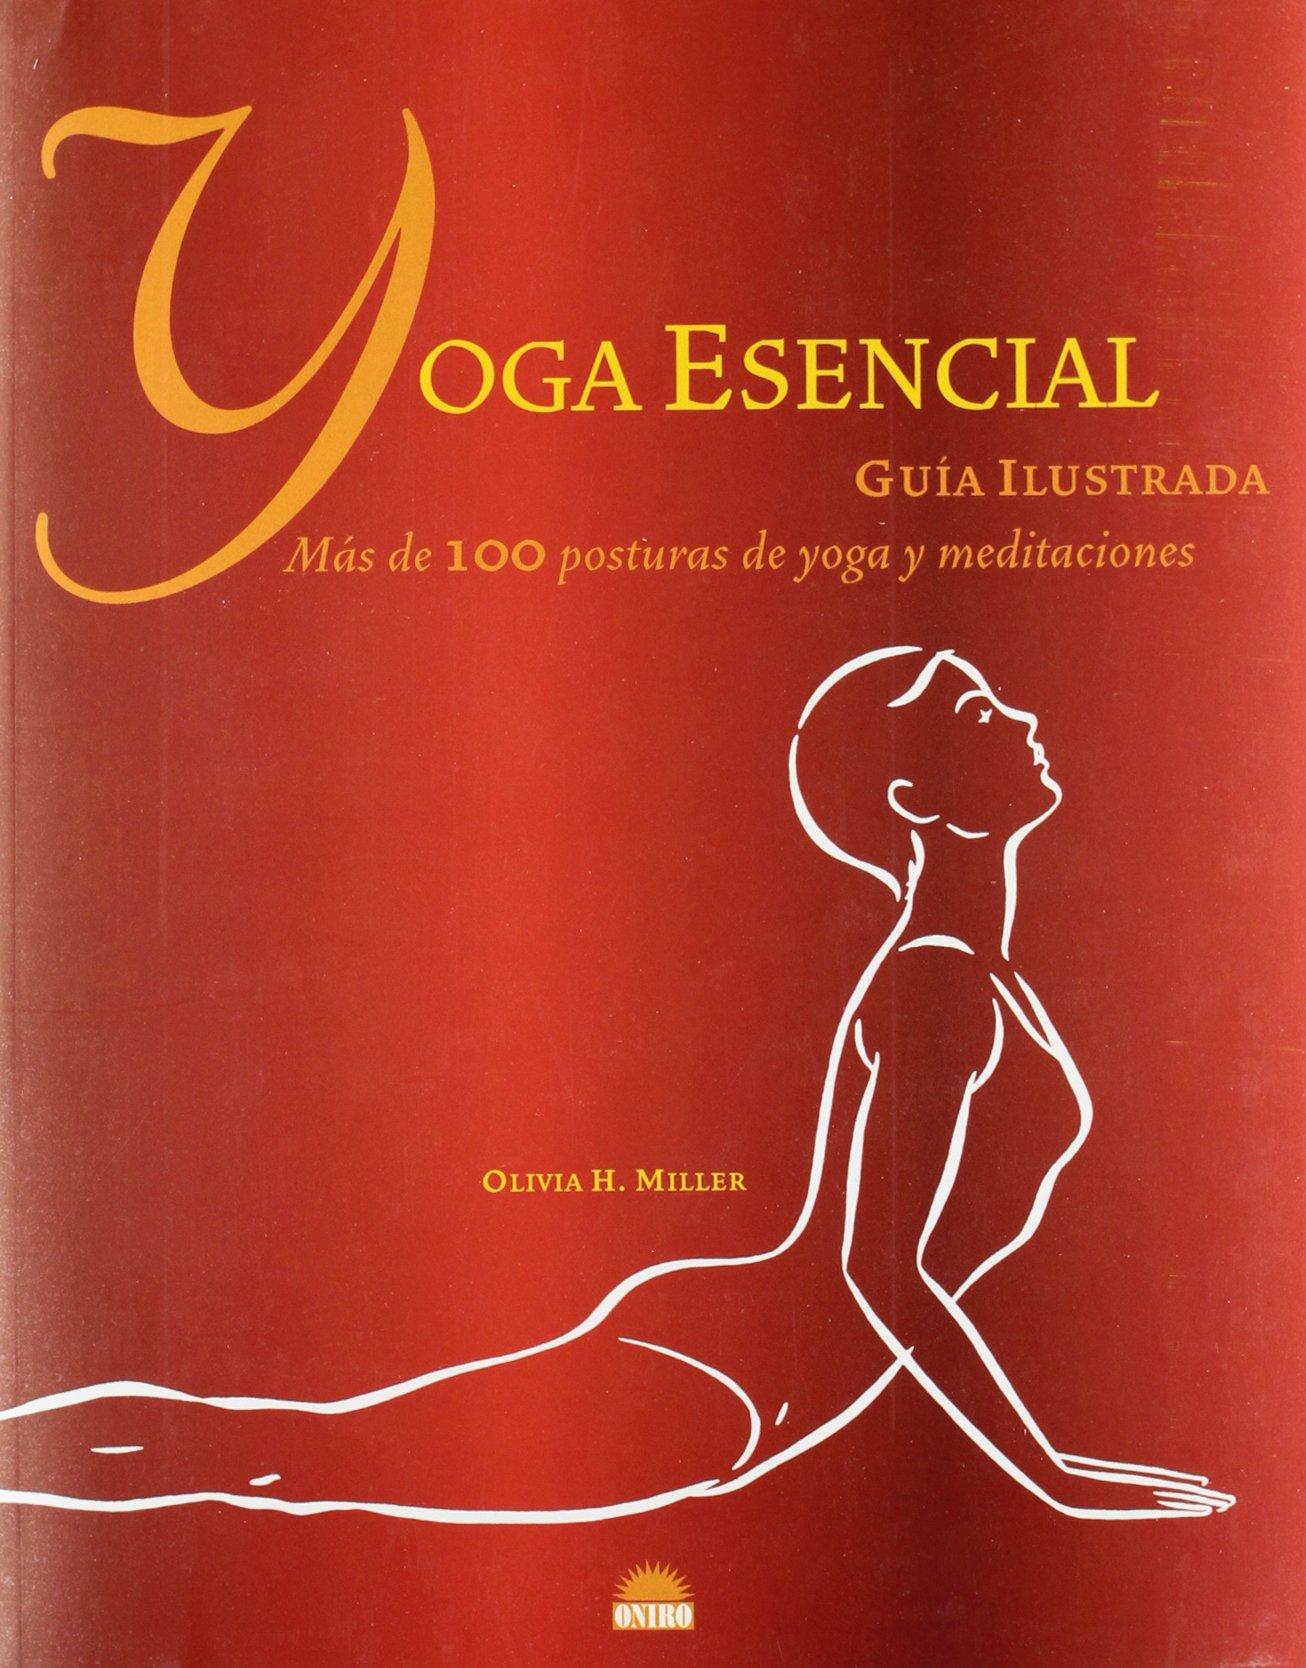 Yoga Esencial / Yoga Essential: Mas De 100 Posturas De Yoga ...